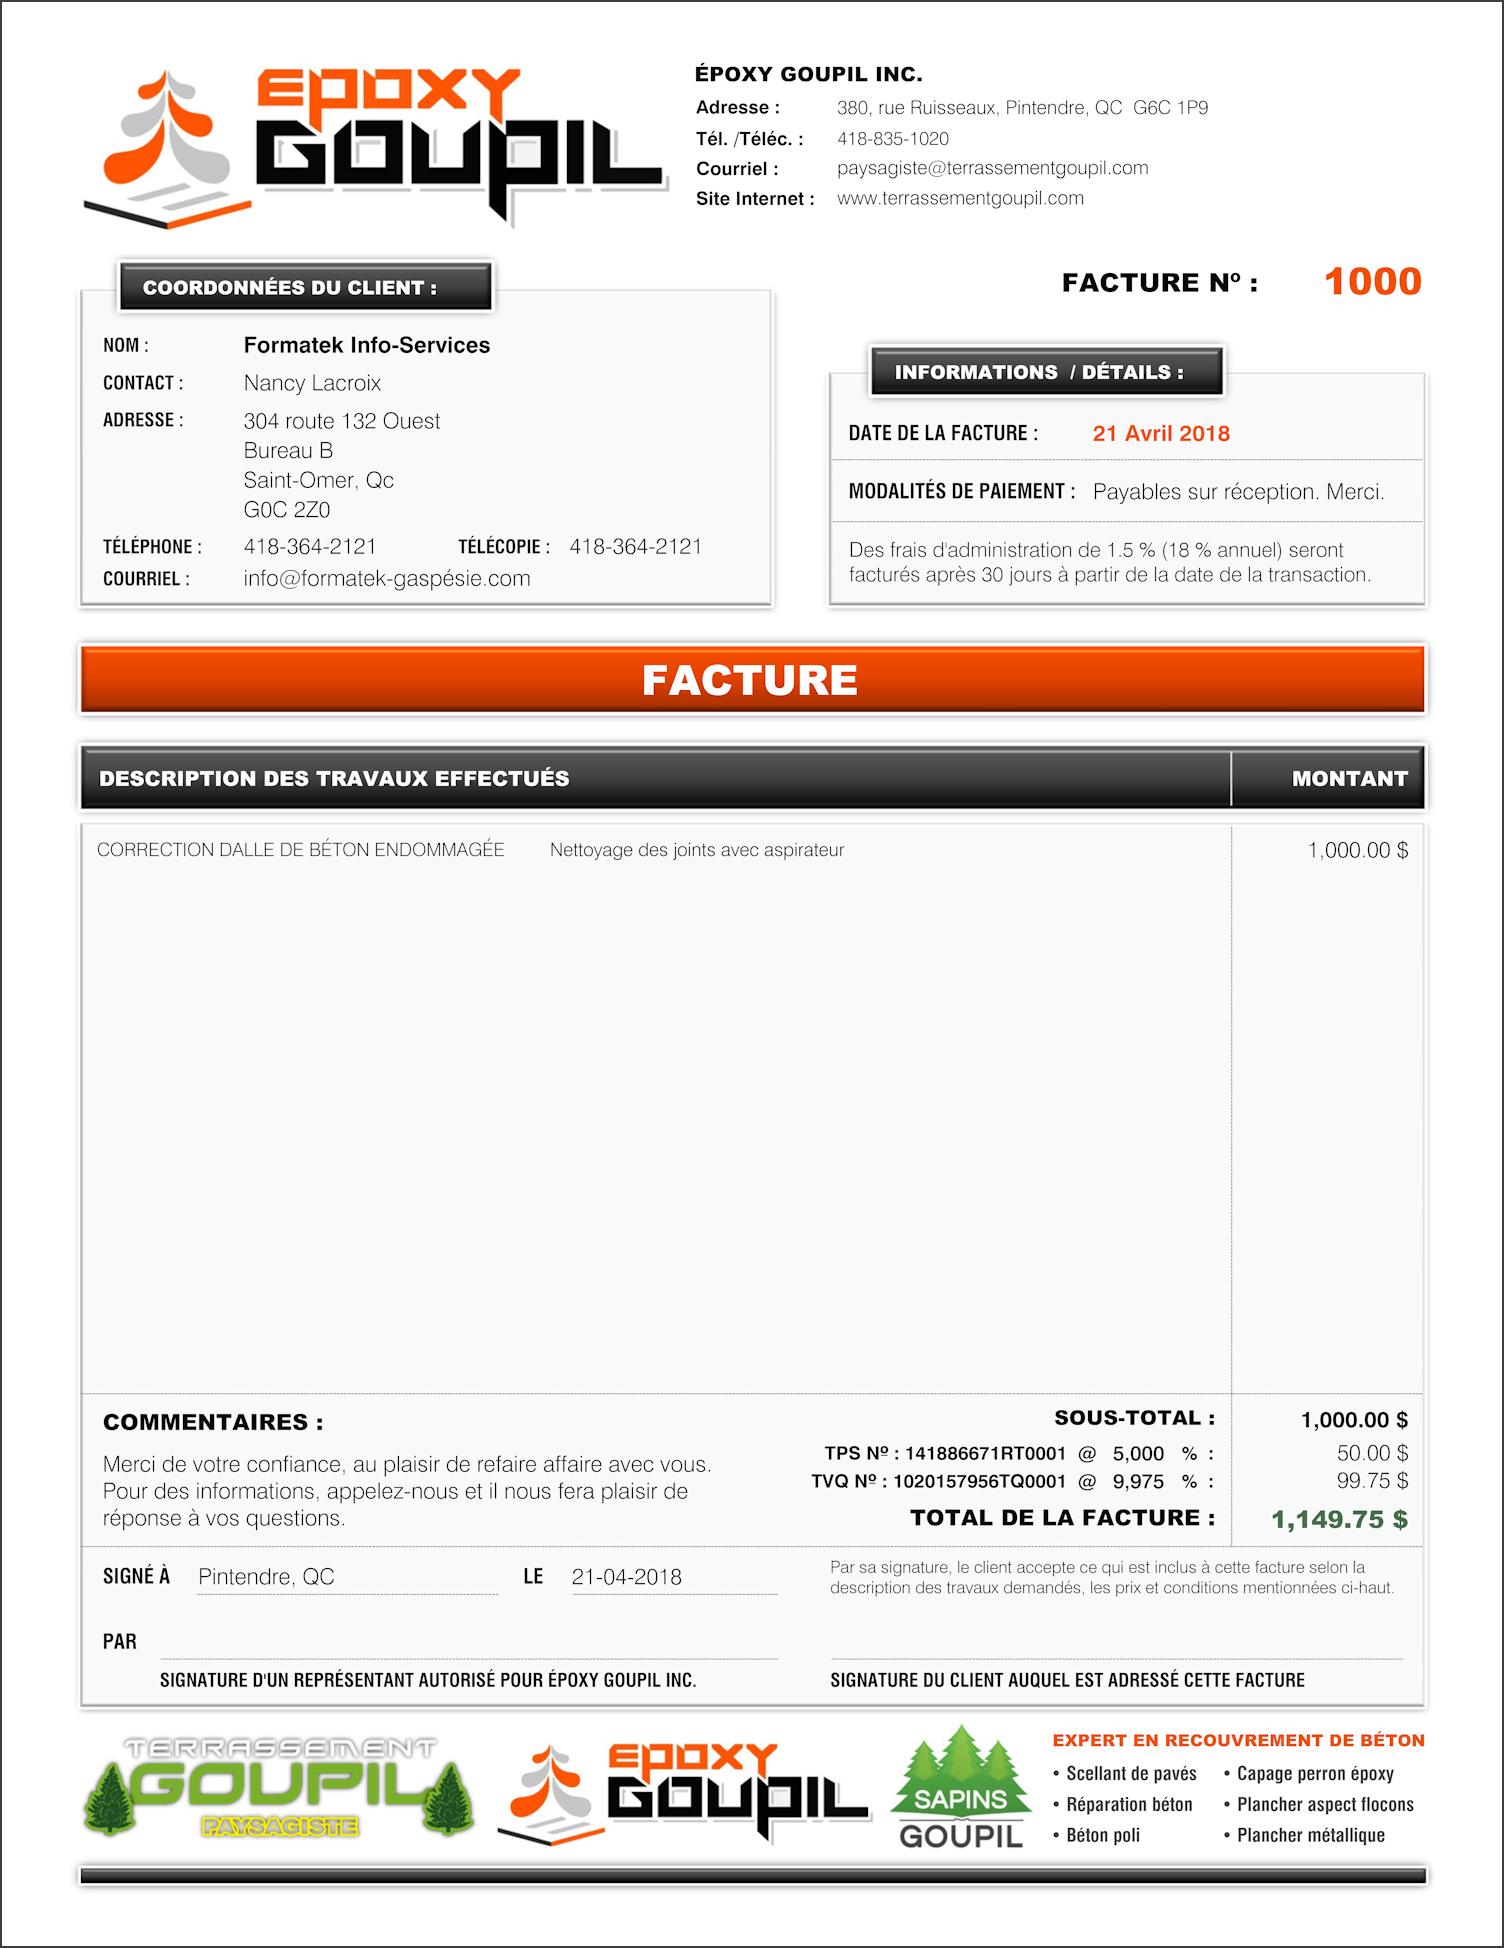 faire des factures avec un formulaire pdf dynamique interactif cr ation et programmation de. Black Bedroom Furniture Sets. Home Design Ideas